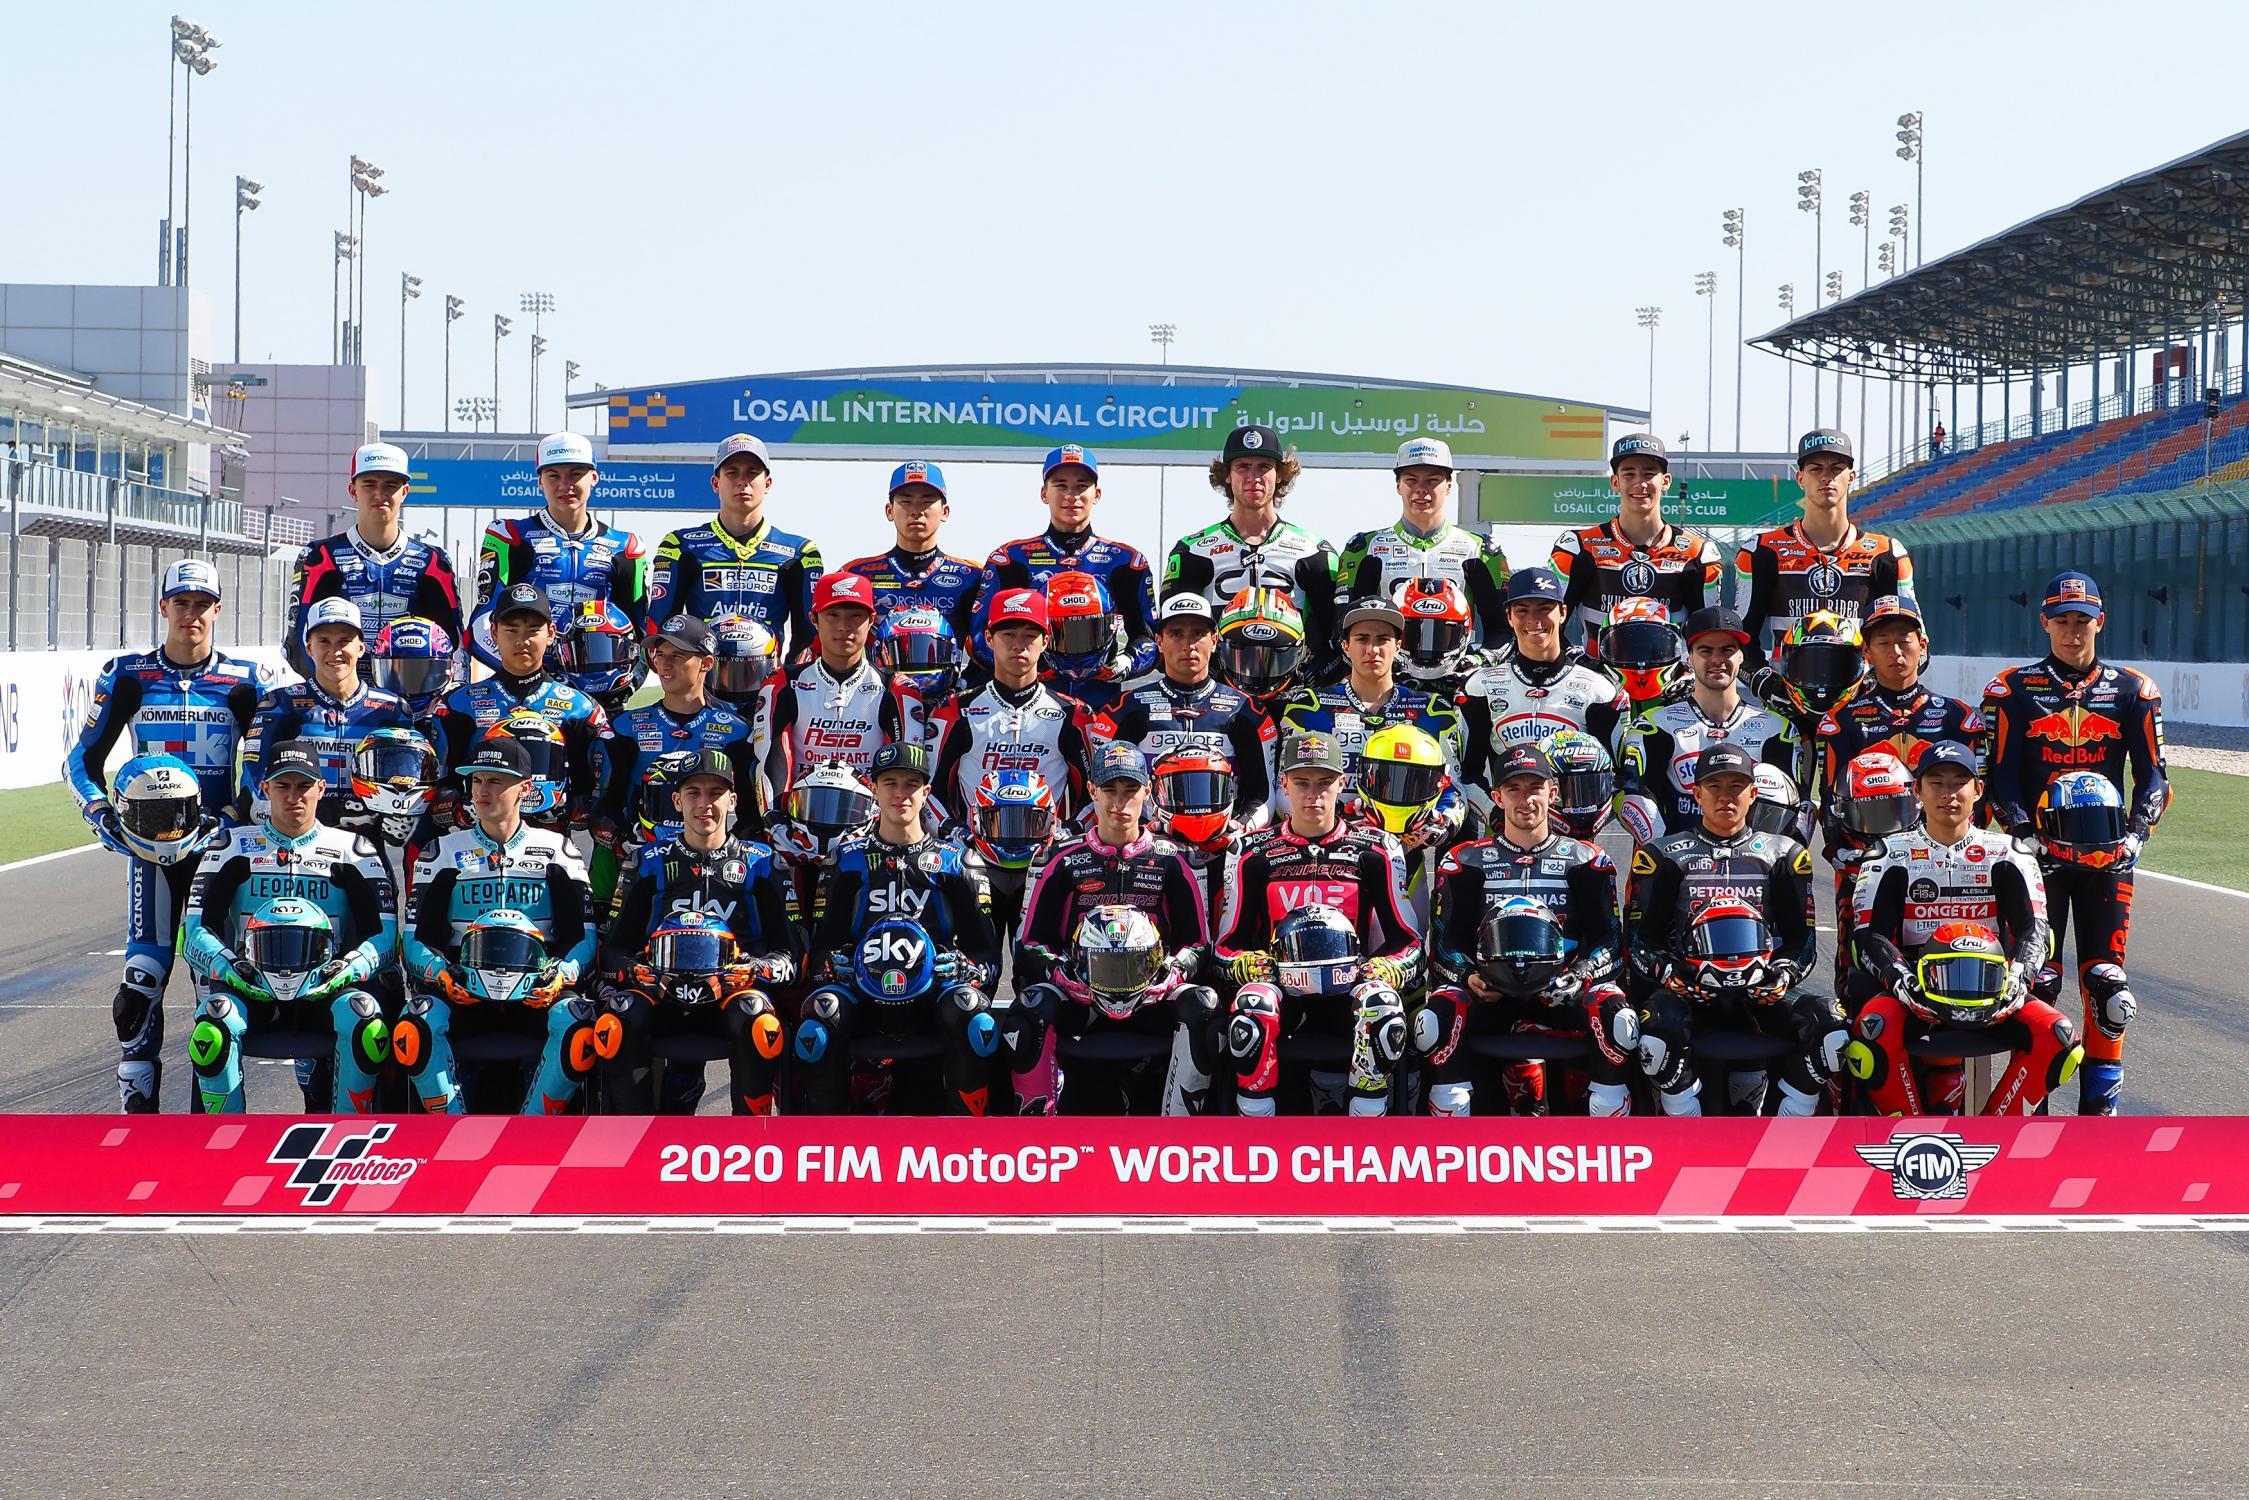 Výsledky tréninků MotoGP Kataru 2020